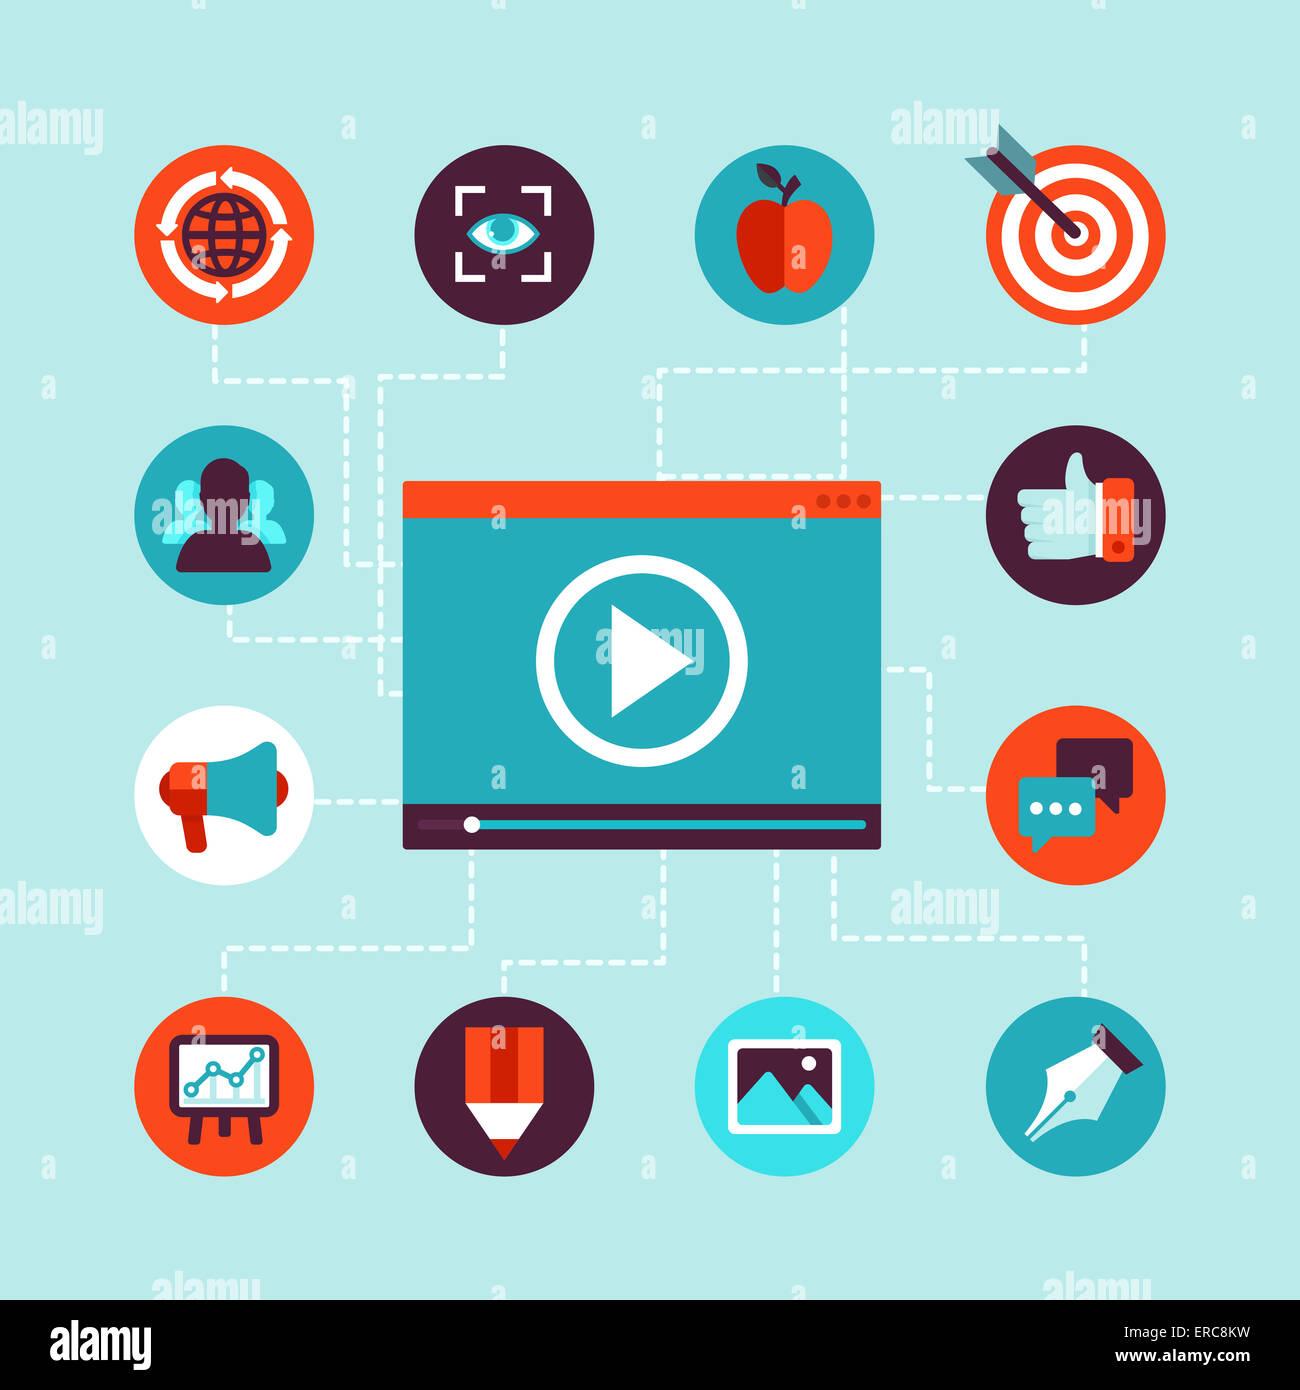 Video Marketing-Konzept im flachen Stil - video-Player und Werbung Icons - Infografiken design element Stockbild